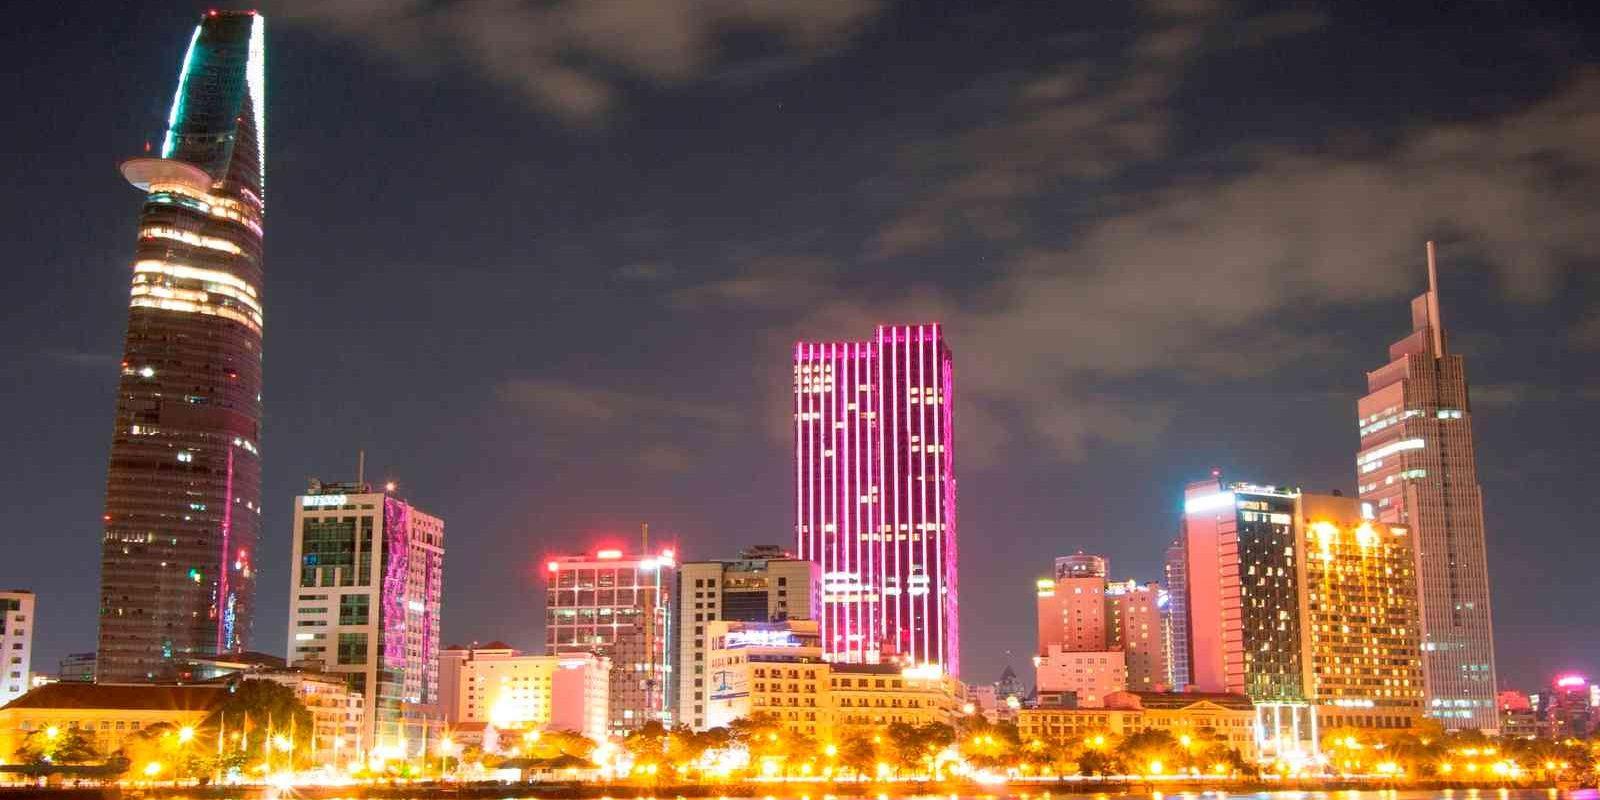 Các dự án Bất động sản sắp triển khai trong năm 2021 tại TPHCM   Thuận Hùng  Group